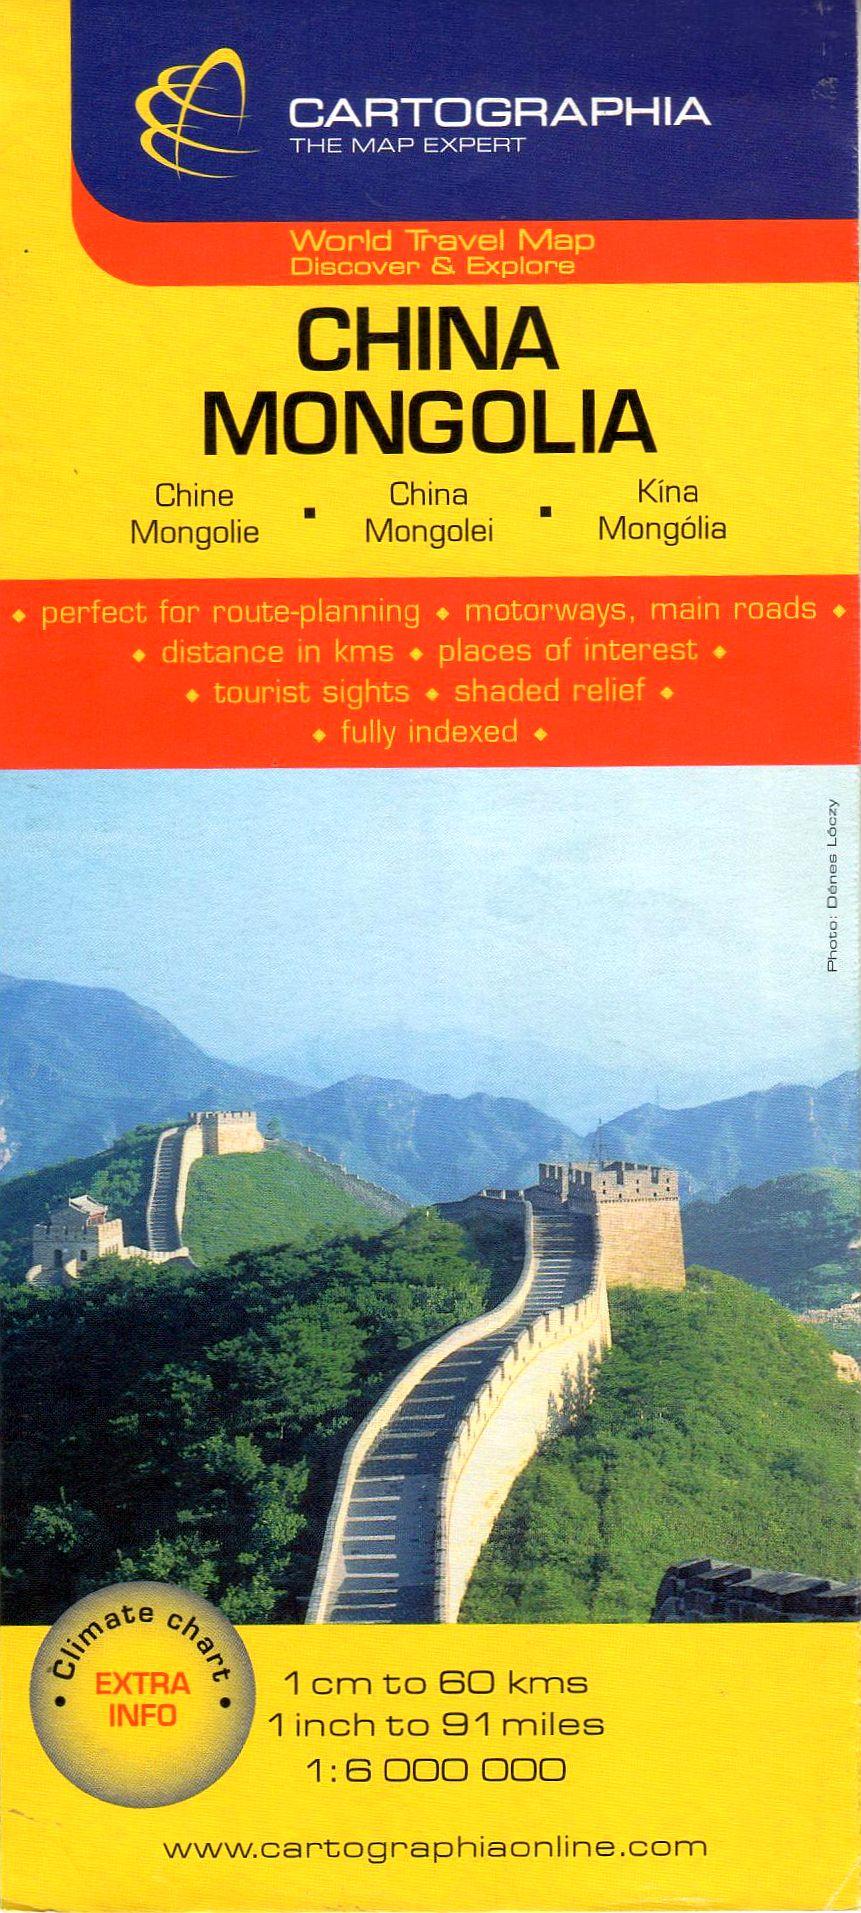 Kína, Mongólia útvonaltervező áttekintő térképe turista információkkal, névmutatóval